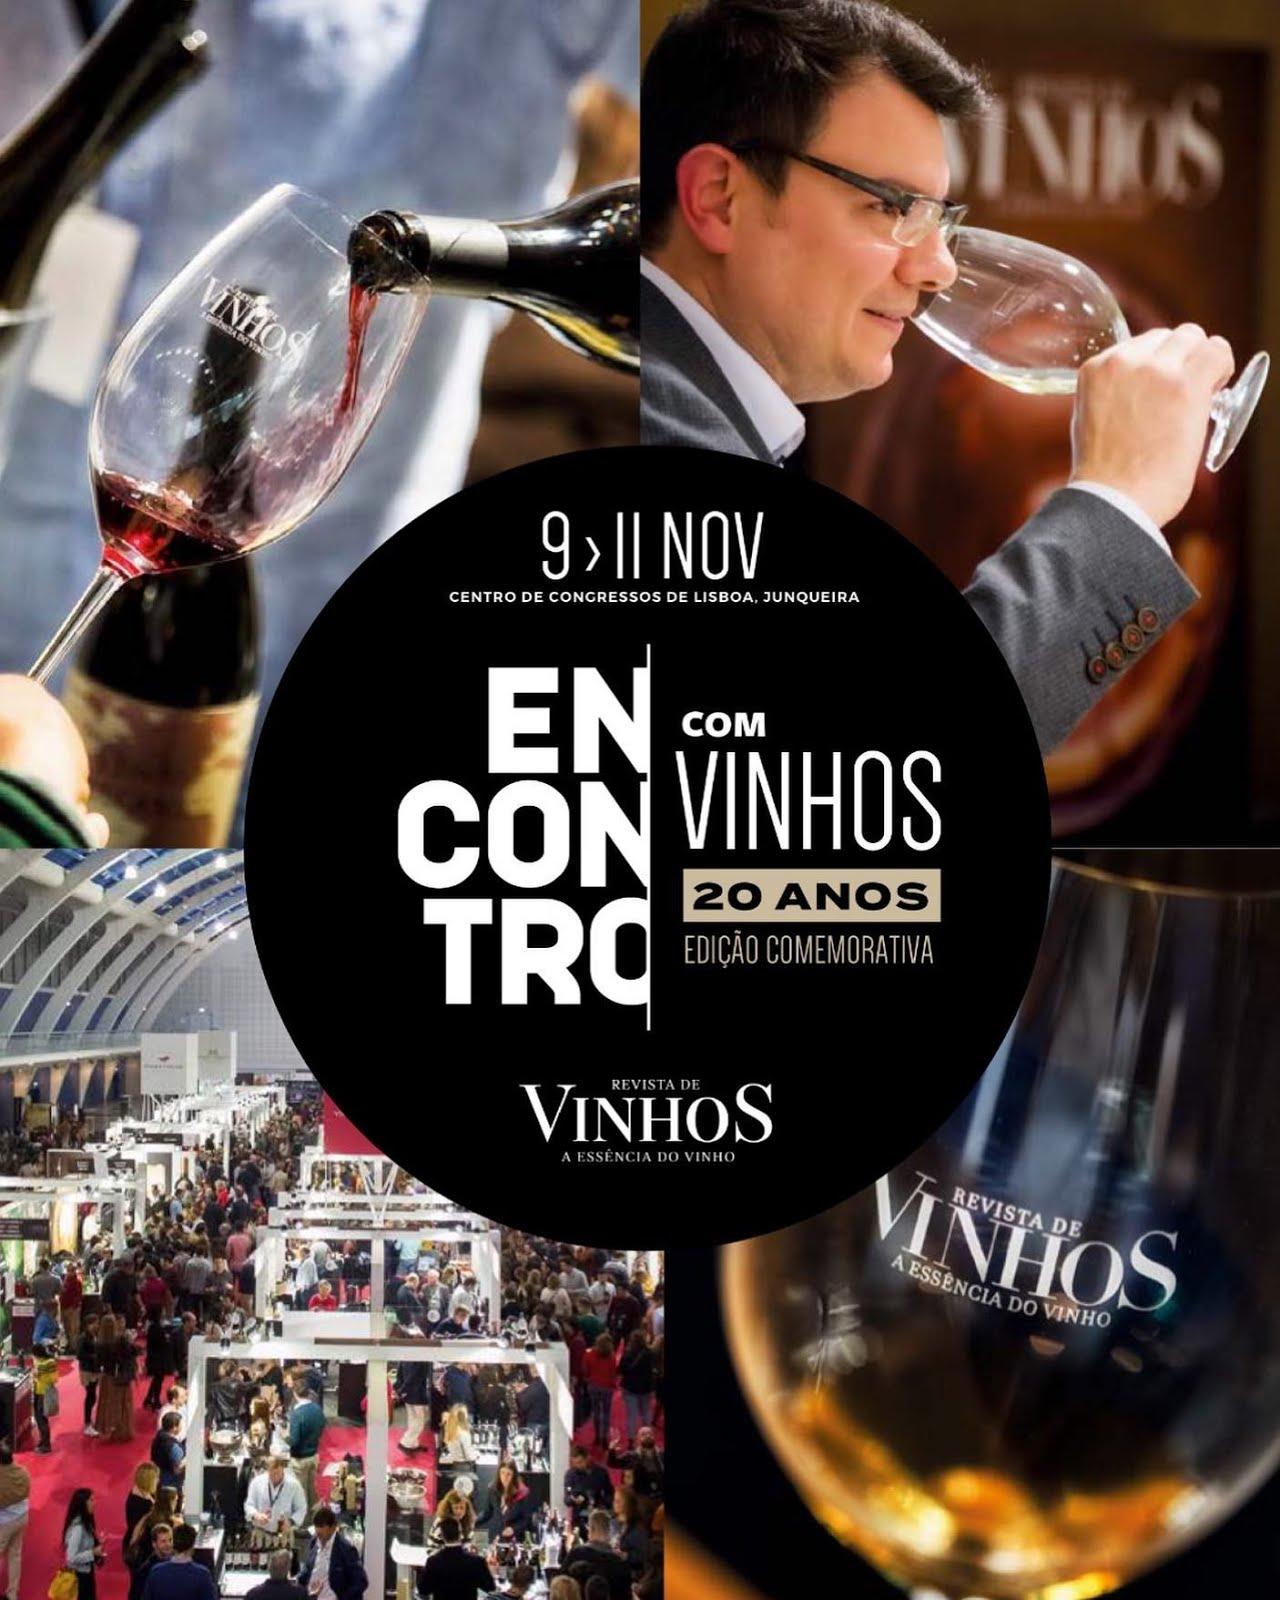 9 a 11 de novembro: Lisboa